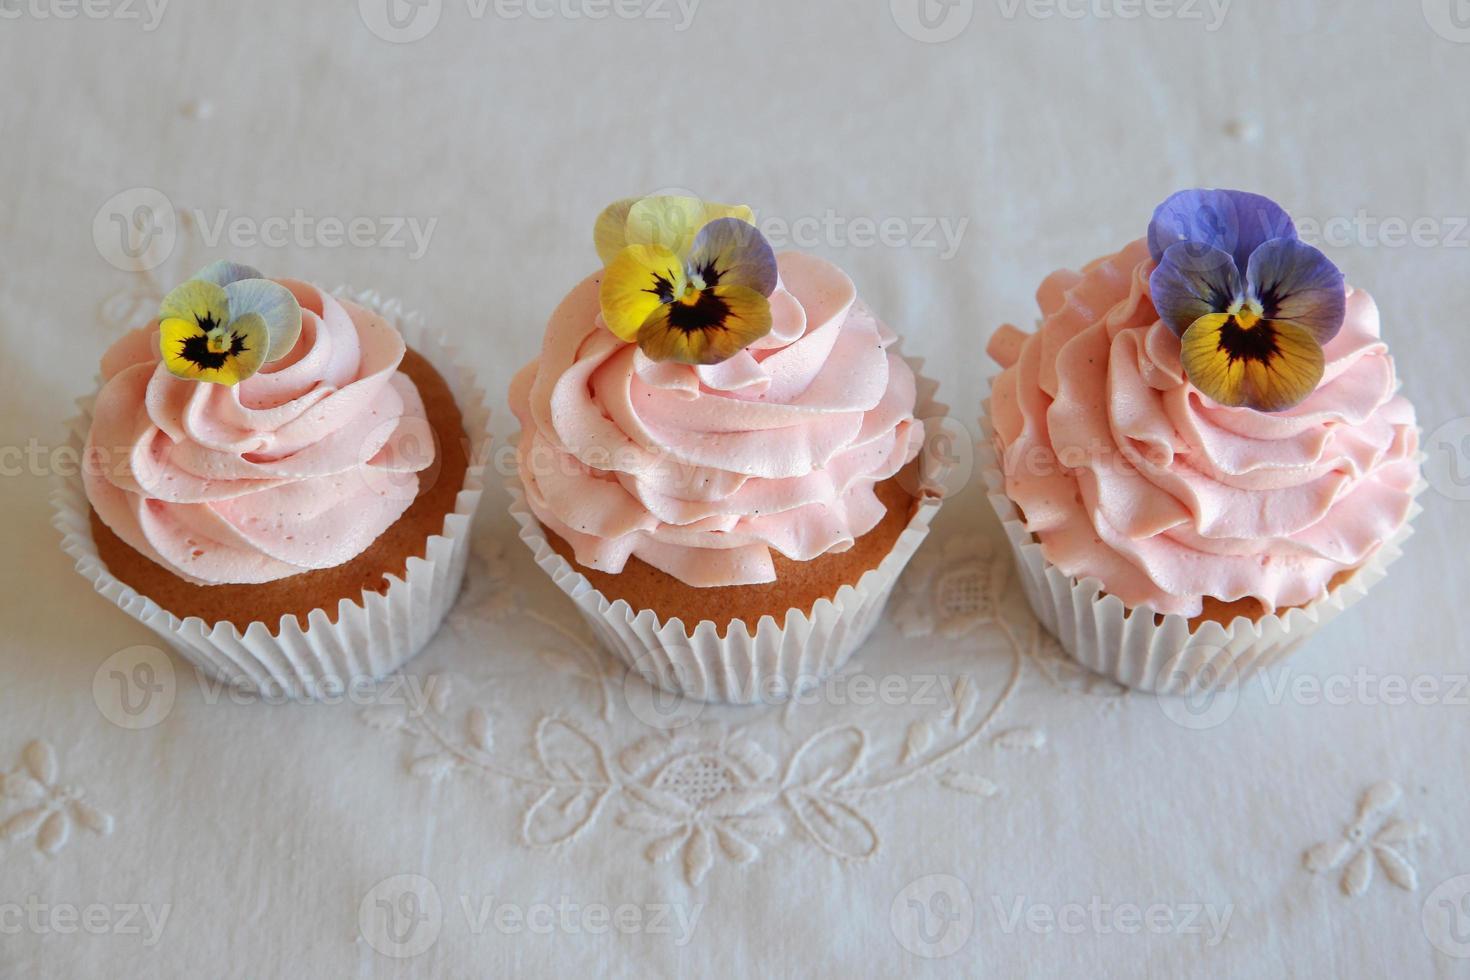 zelfgemaakte roze frosting vanille cupcakes met eetbare bloemen foto